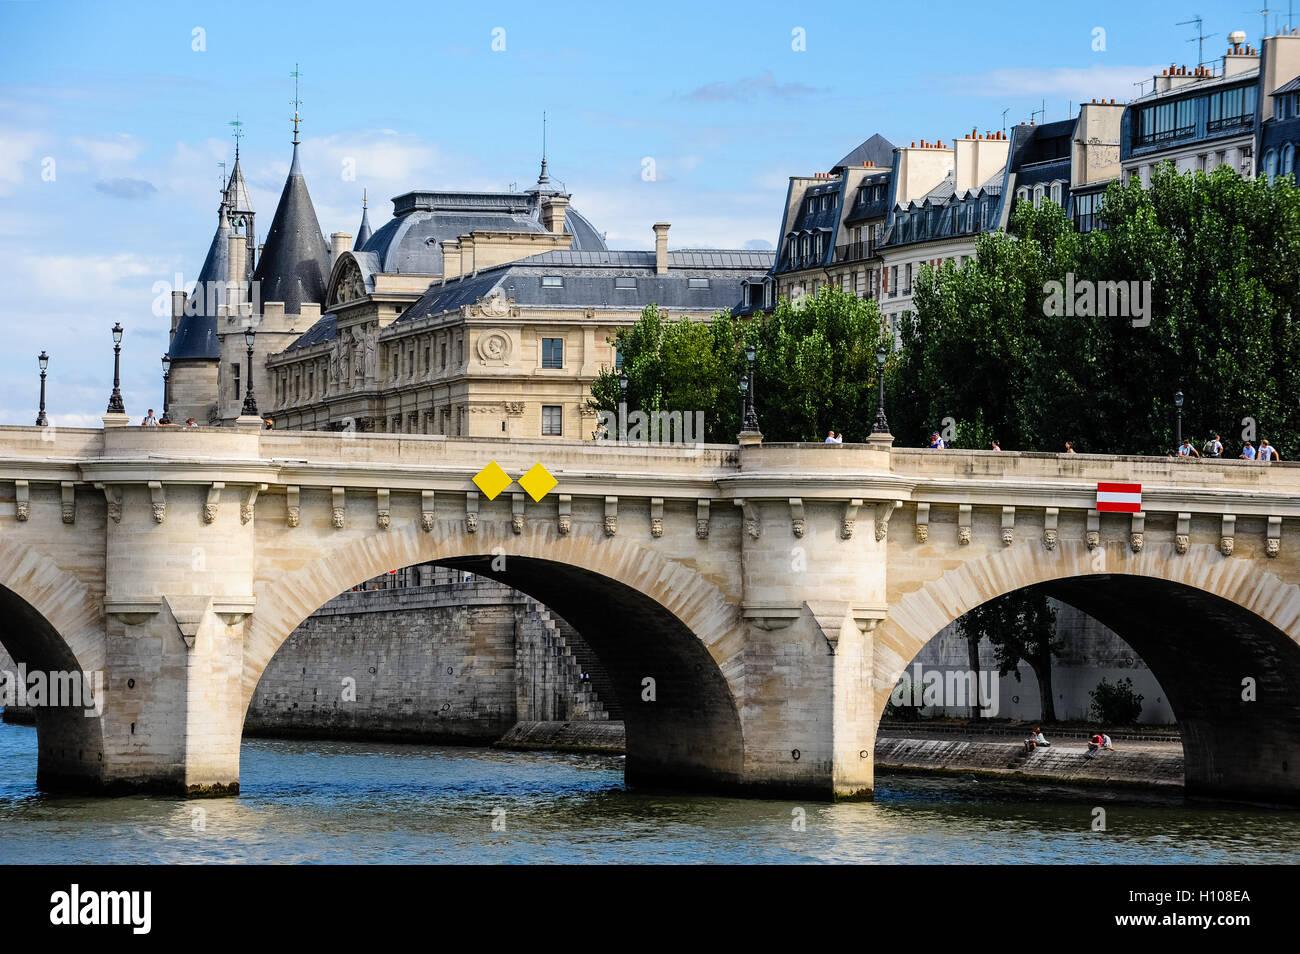 Paris, France. View from a boat on the river Seine. The Palais de Justice is located in the Île de la Cité, - Stock Image